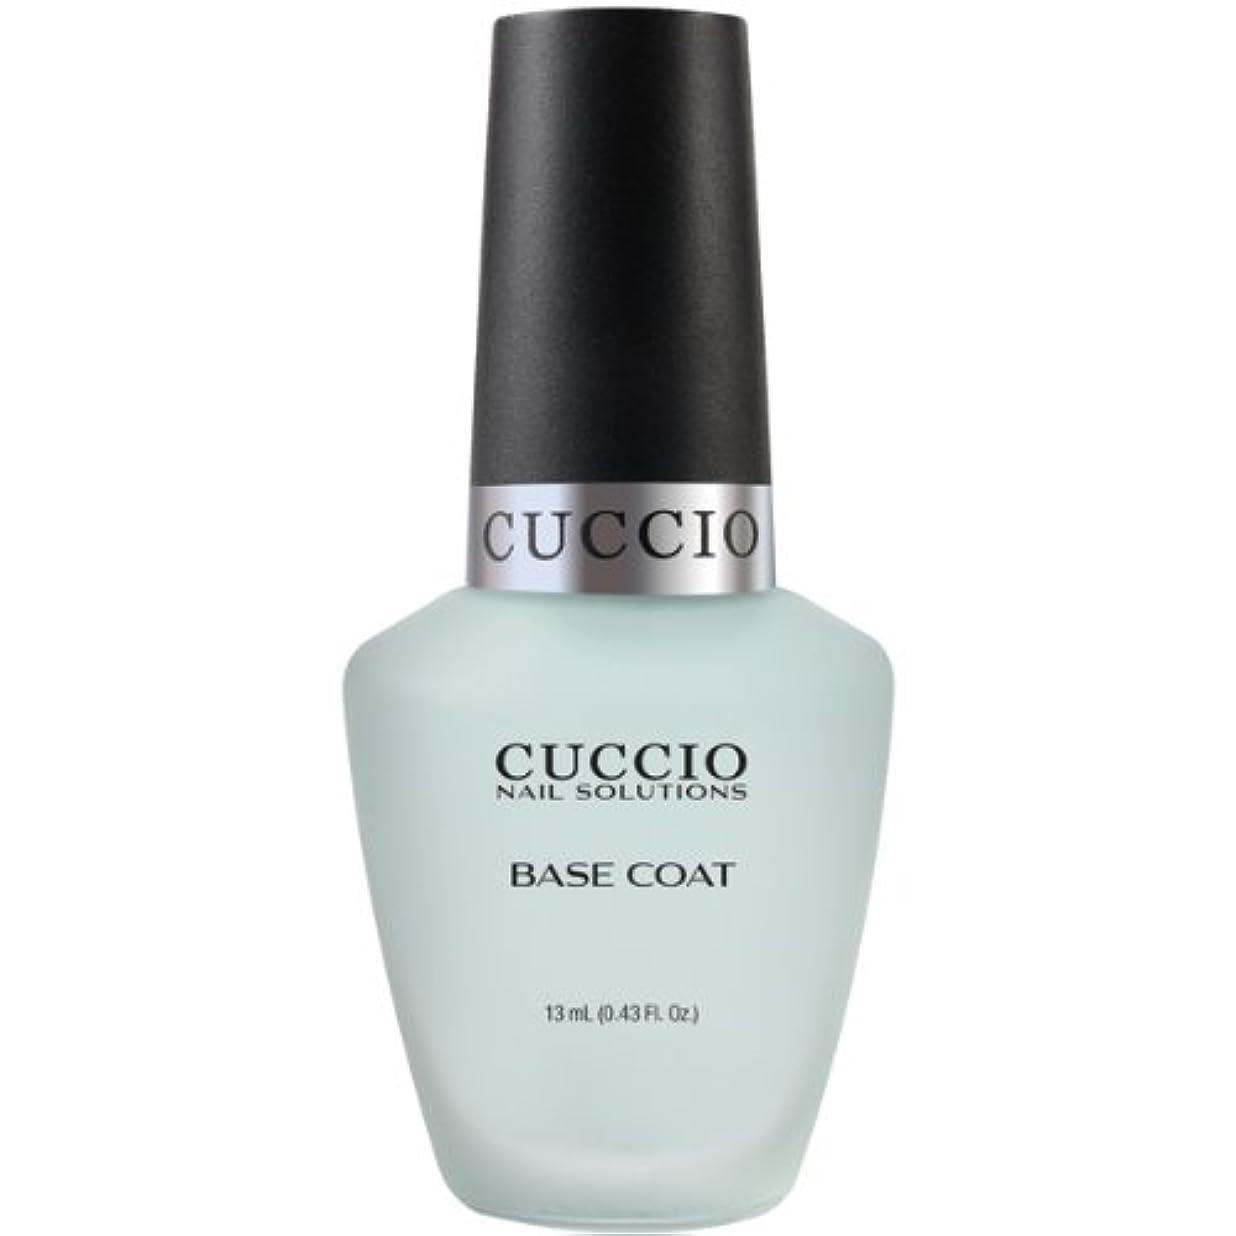 Cuccio Colour Gloss Lacquer - Base Coat - 0.43oz / 13ml